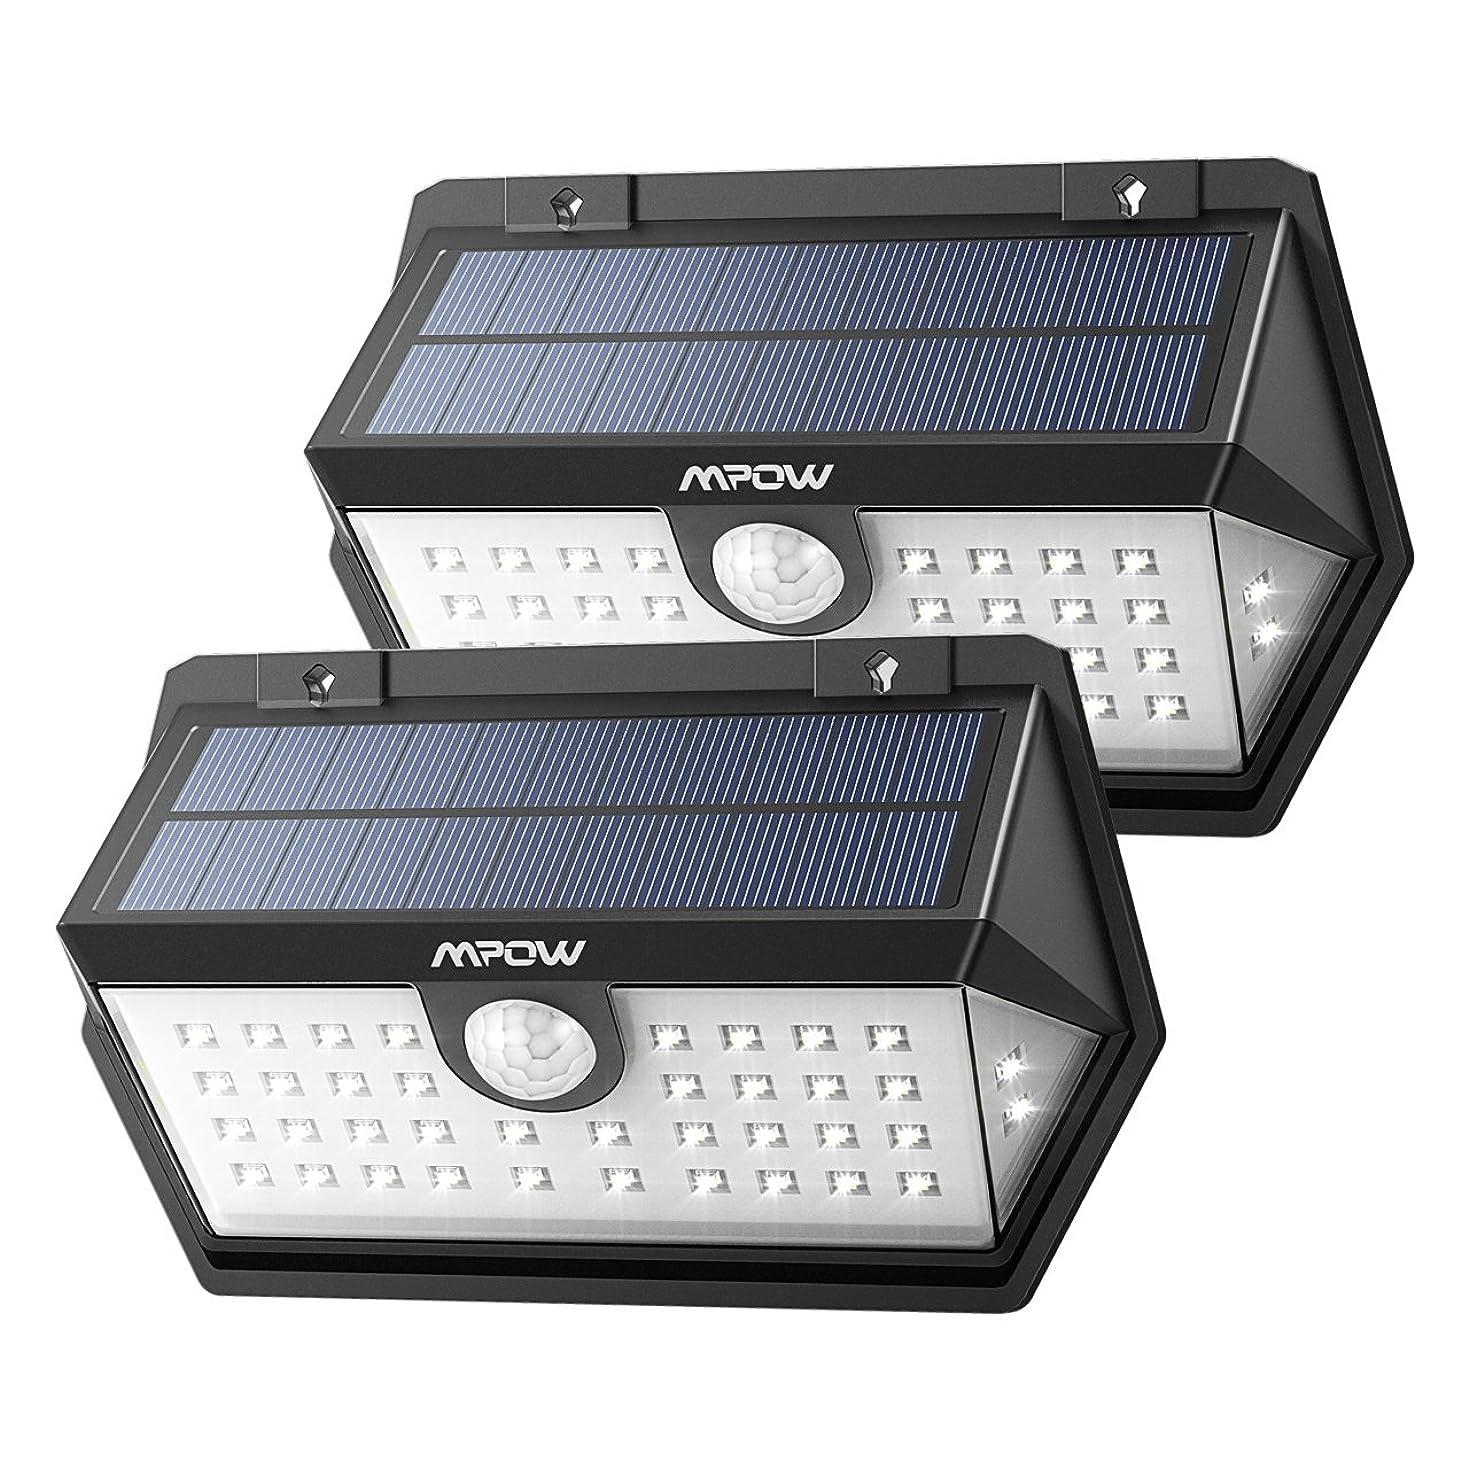 減少いとこ一般的なMpow センサーライト ソーラーライト 40led IP65防水 3つ点灯モード 屋外照明 センサー時間30s 人感ライト 18ヶ月間保証 停電緊急対策 2019年新品 2個